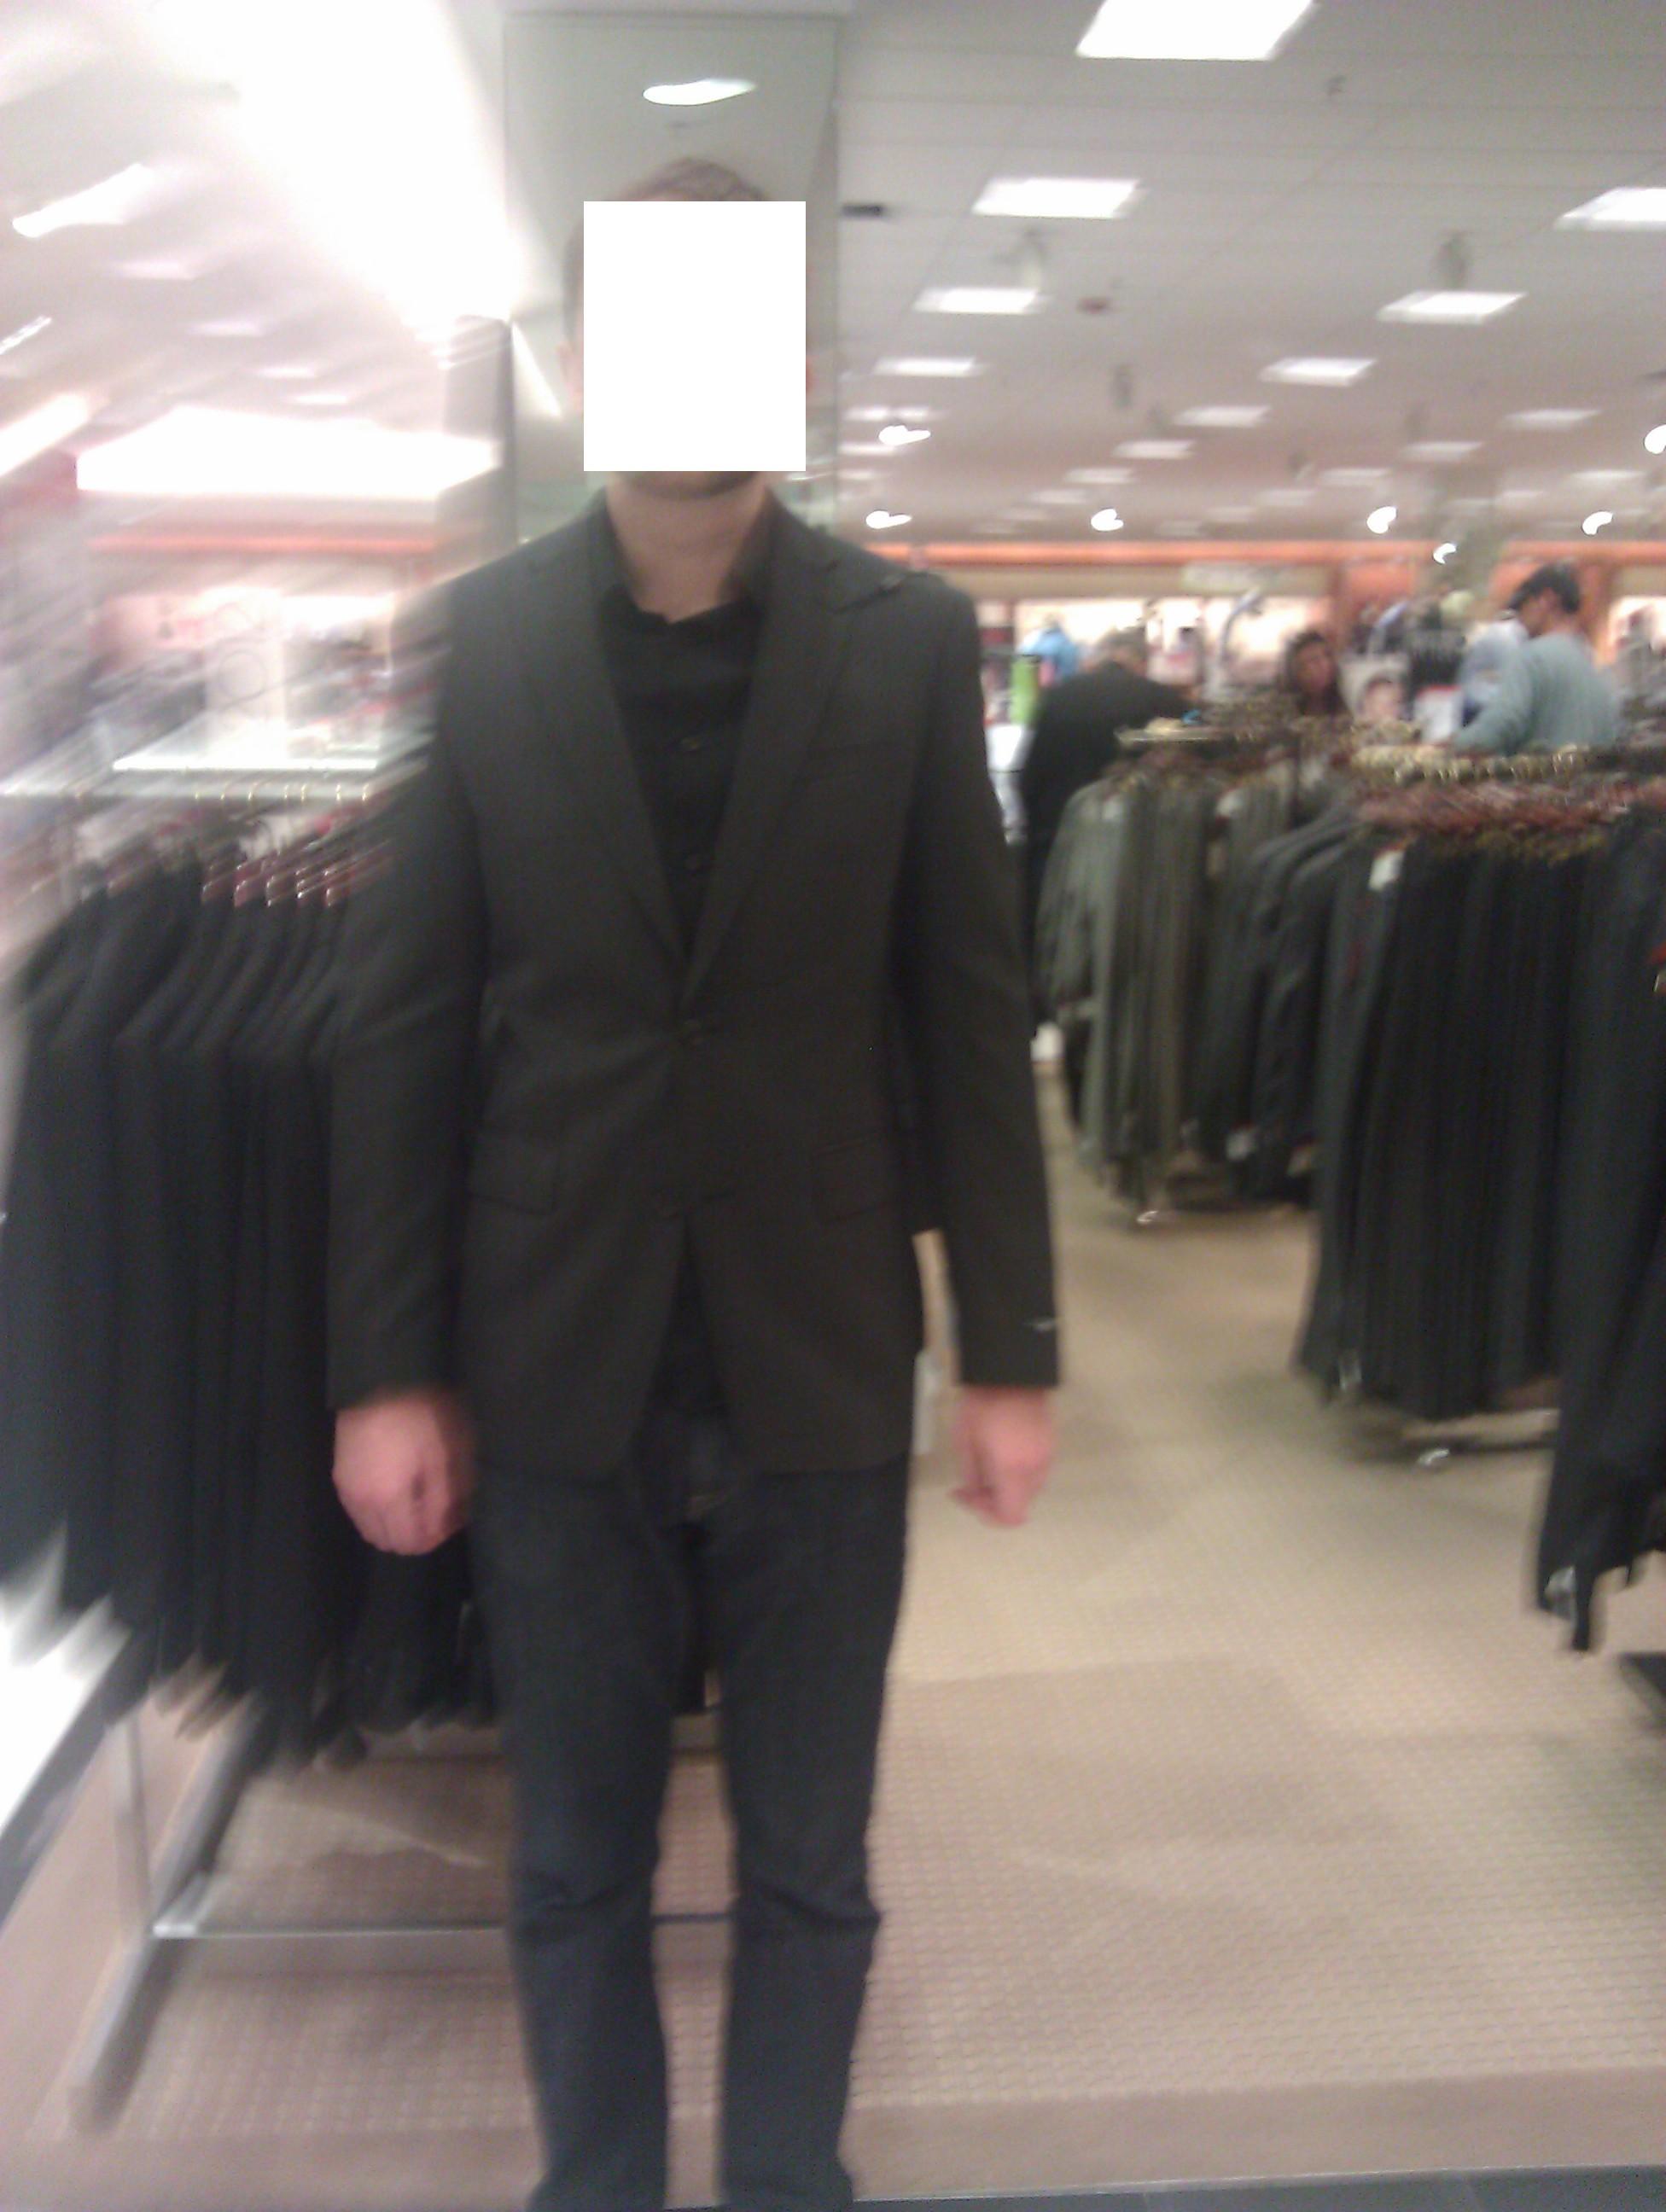 suit_in_store.jpg